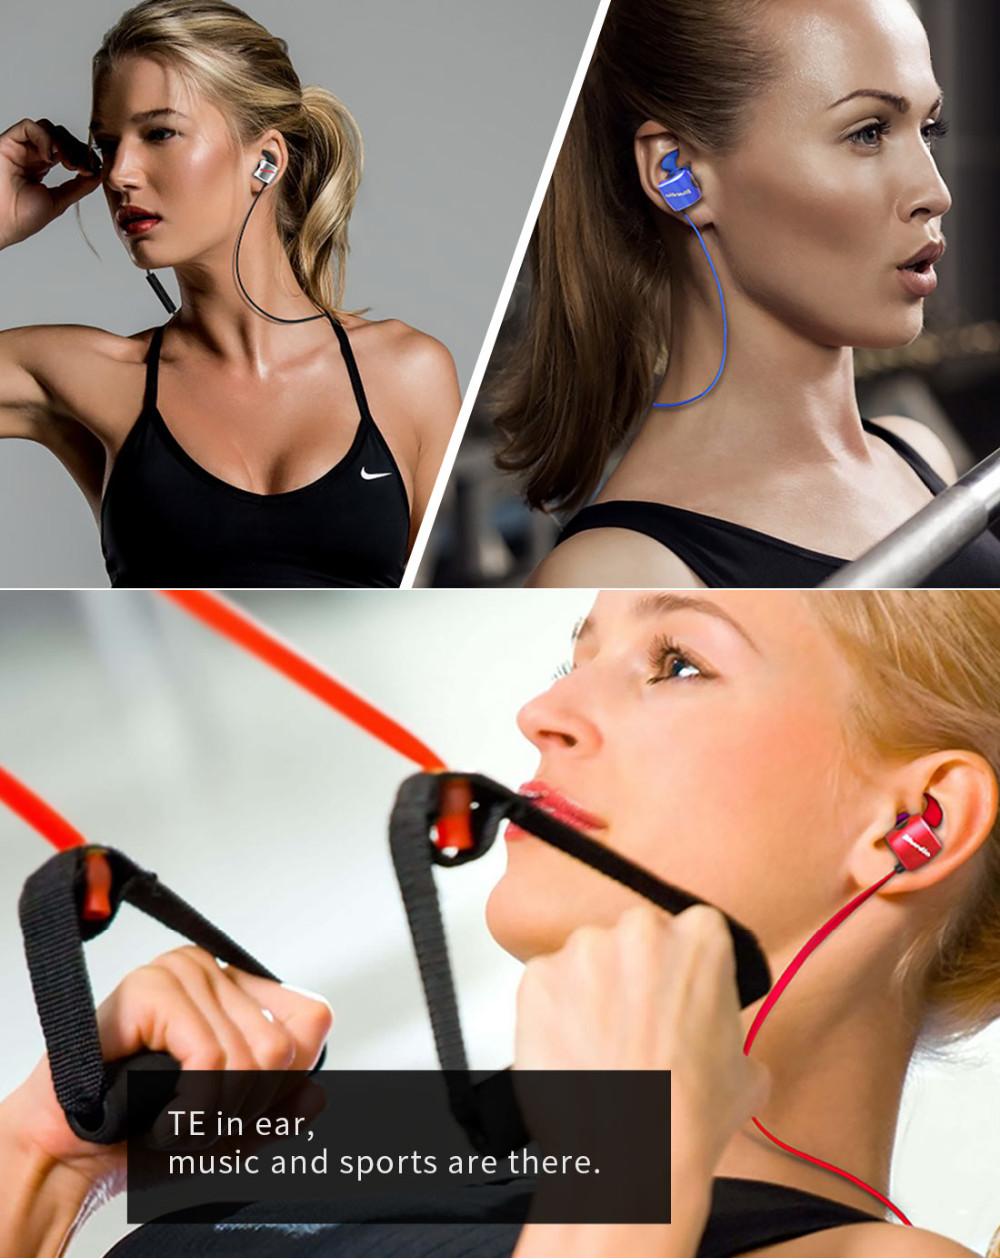 Te bluedio sport zestaw słuchawkowy bluetooth/pot dowód słuchawki bezprzewodowe słuchawki douszne earbuds wbudowany mikrofon 3